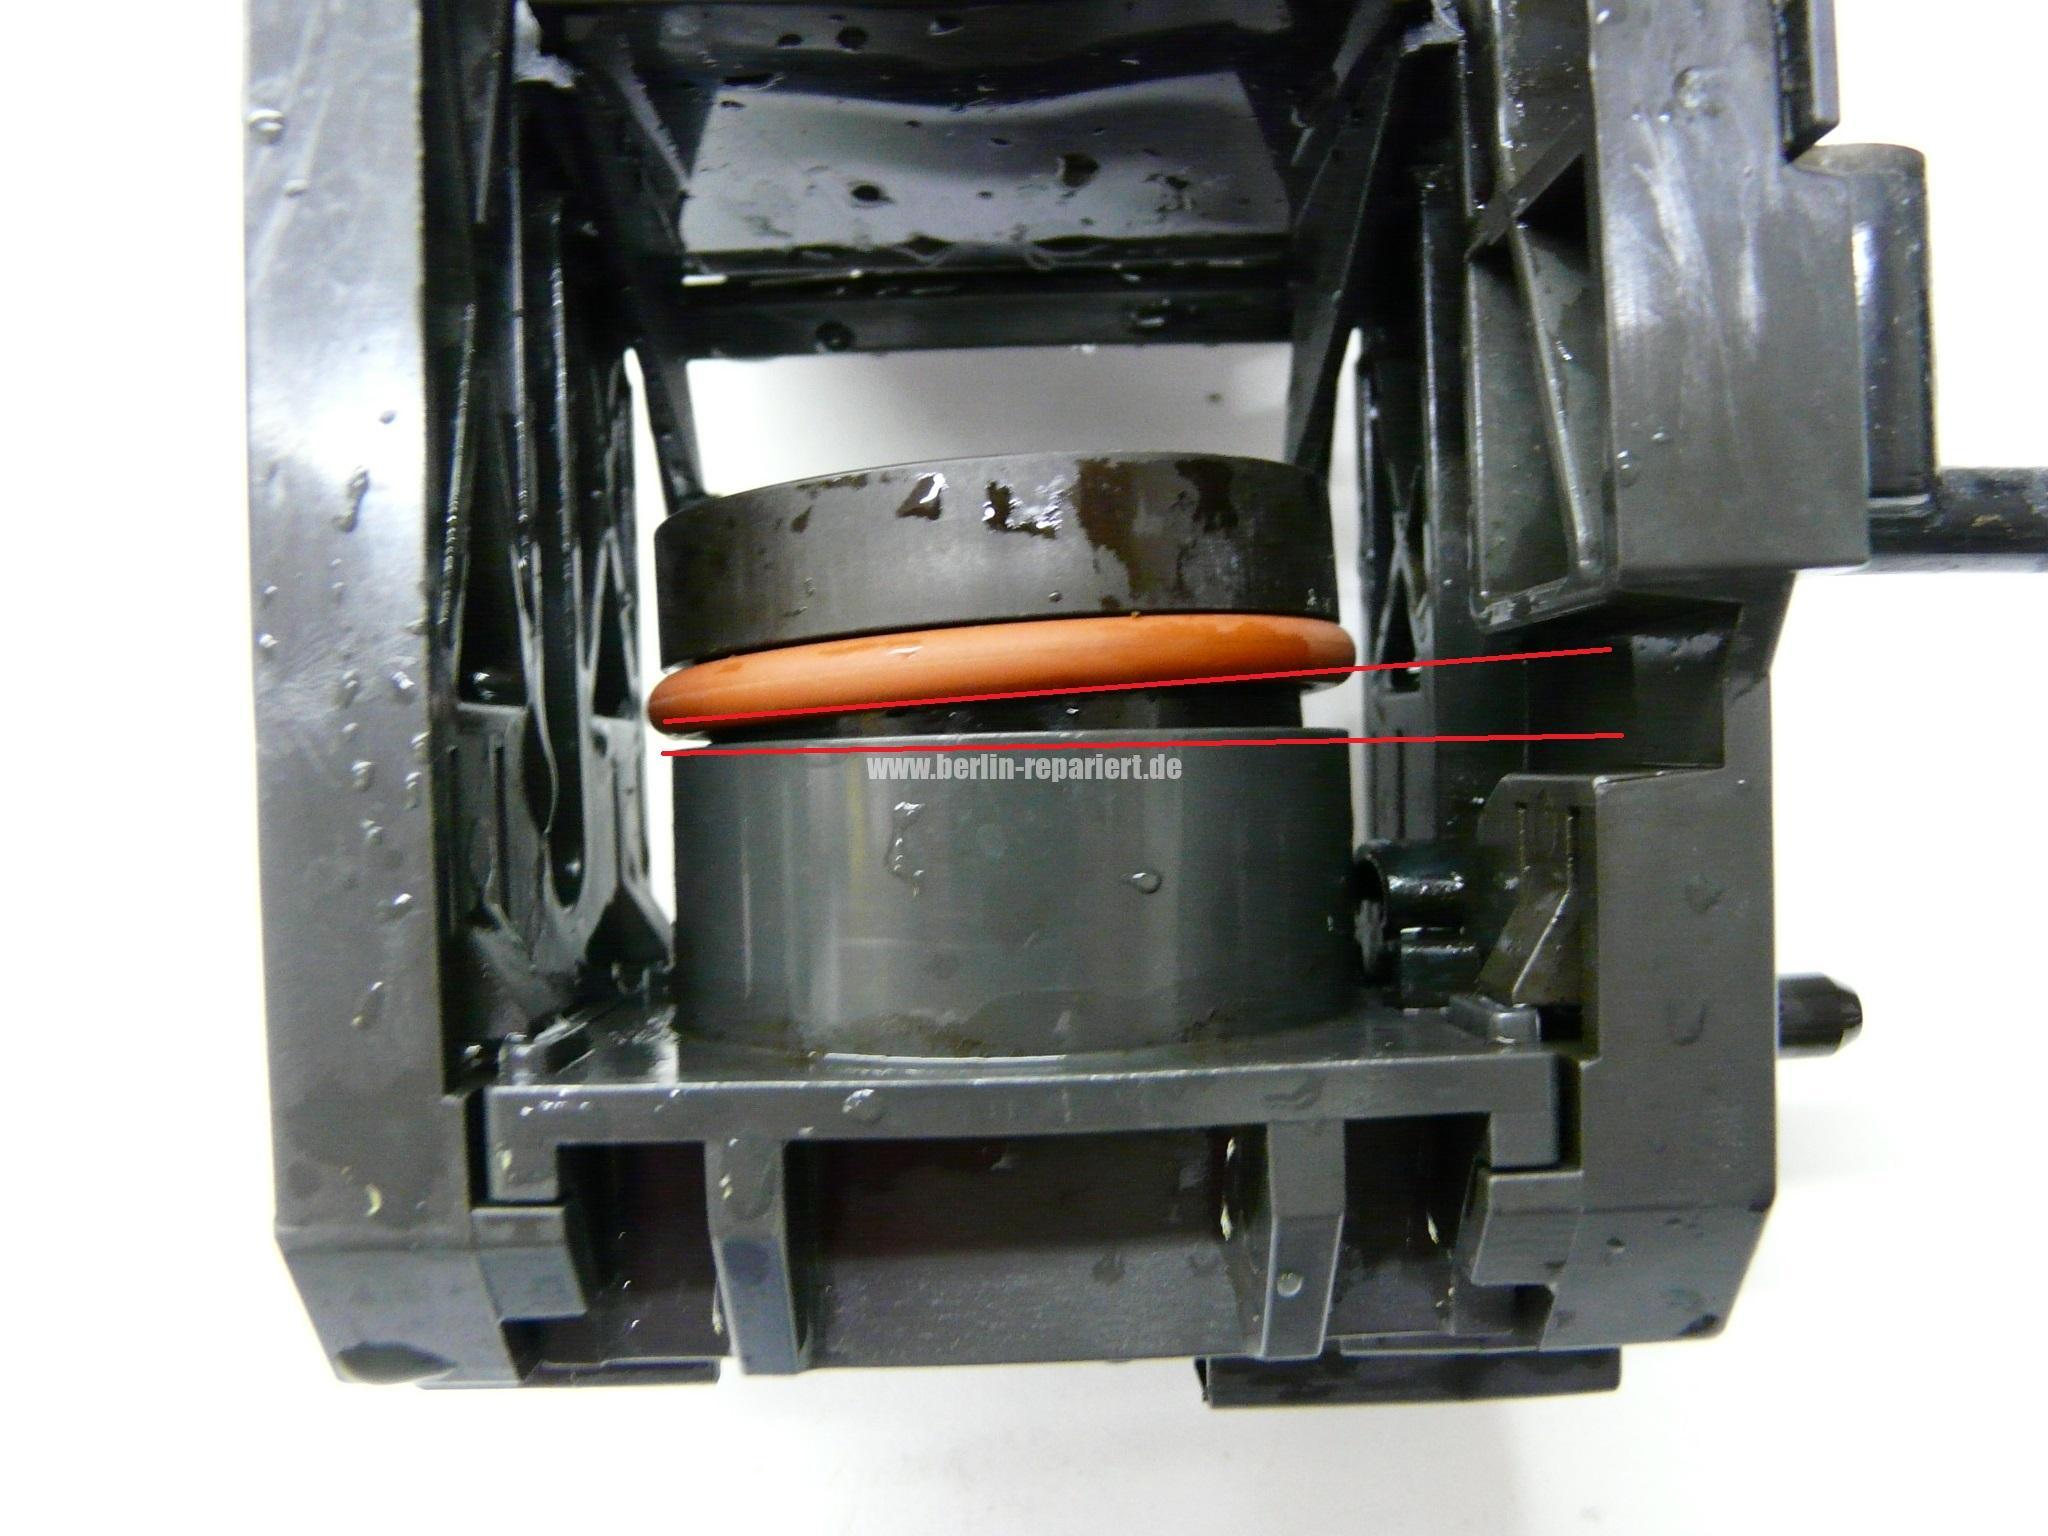 Siemens Kühlschrank Kundendienst : Siemens kühlschrank kundendienst berlin alternative